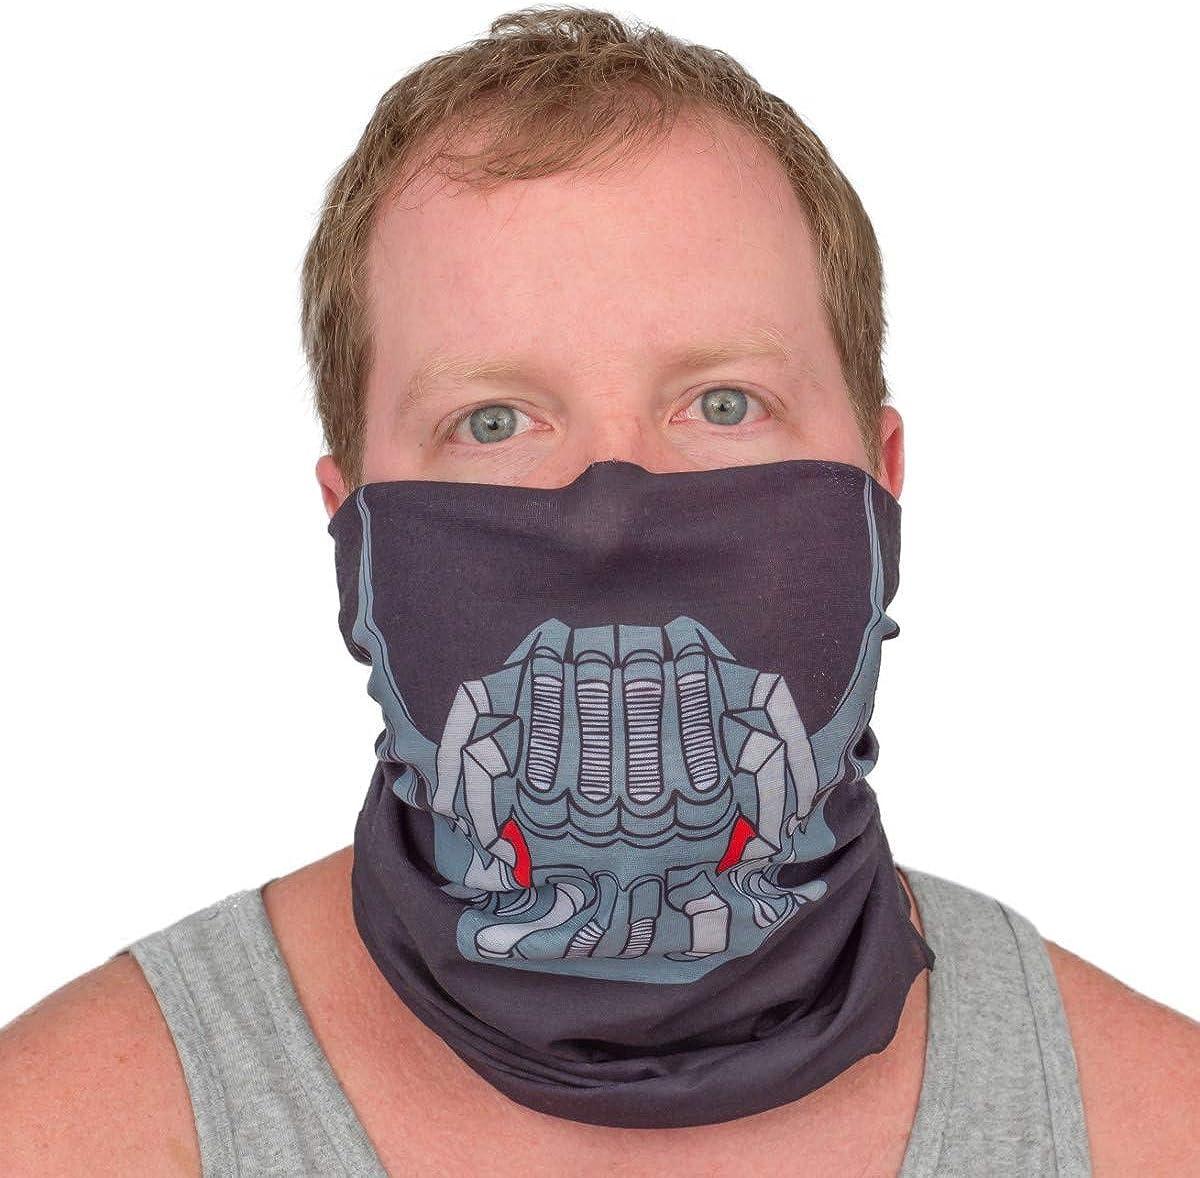 Neck Gaiter with Designs Lightweight UV Protection Headwear